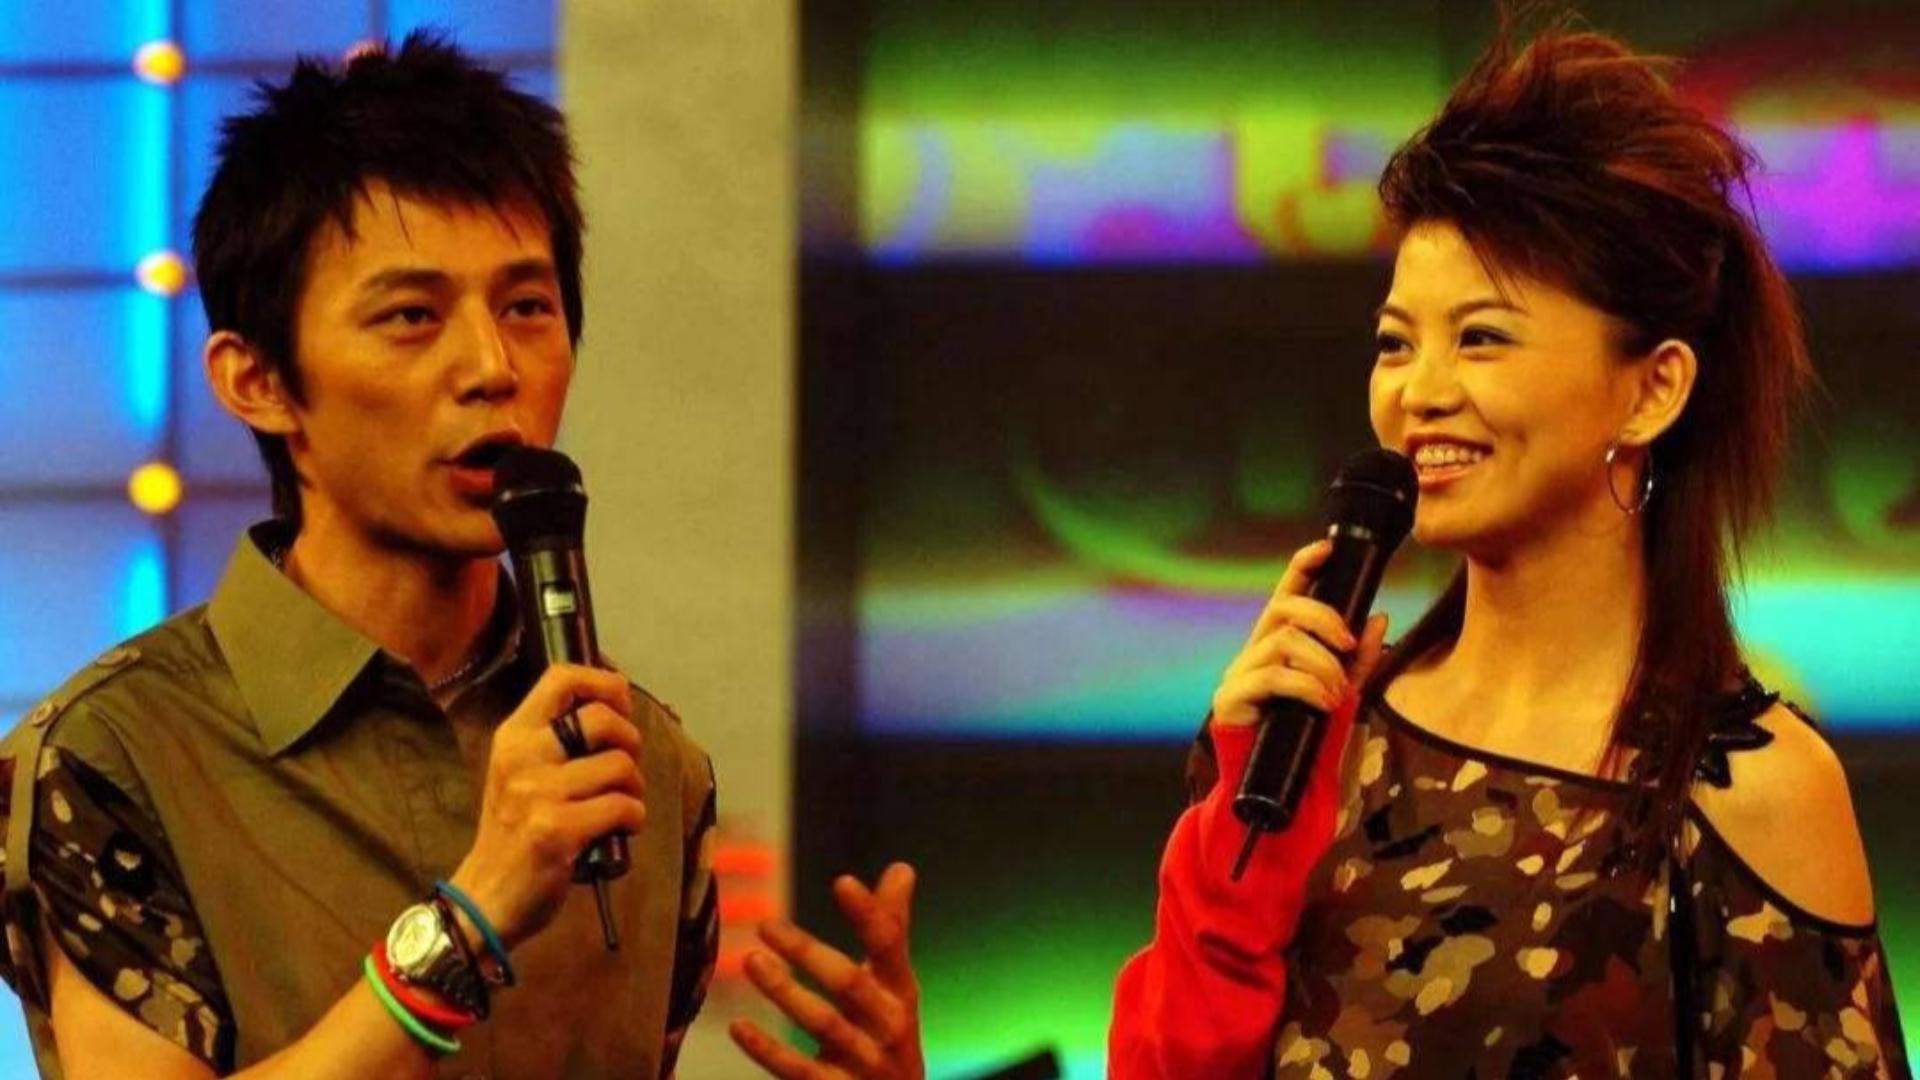 何炅早年主持视频曝光,和李湘台上互捧暴露出他另外一个身份